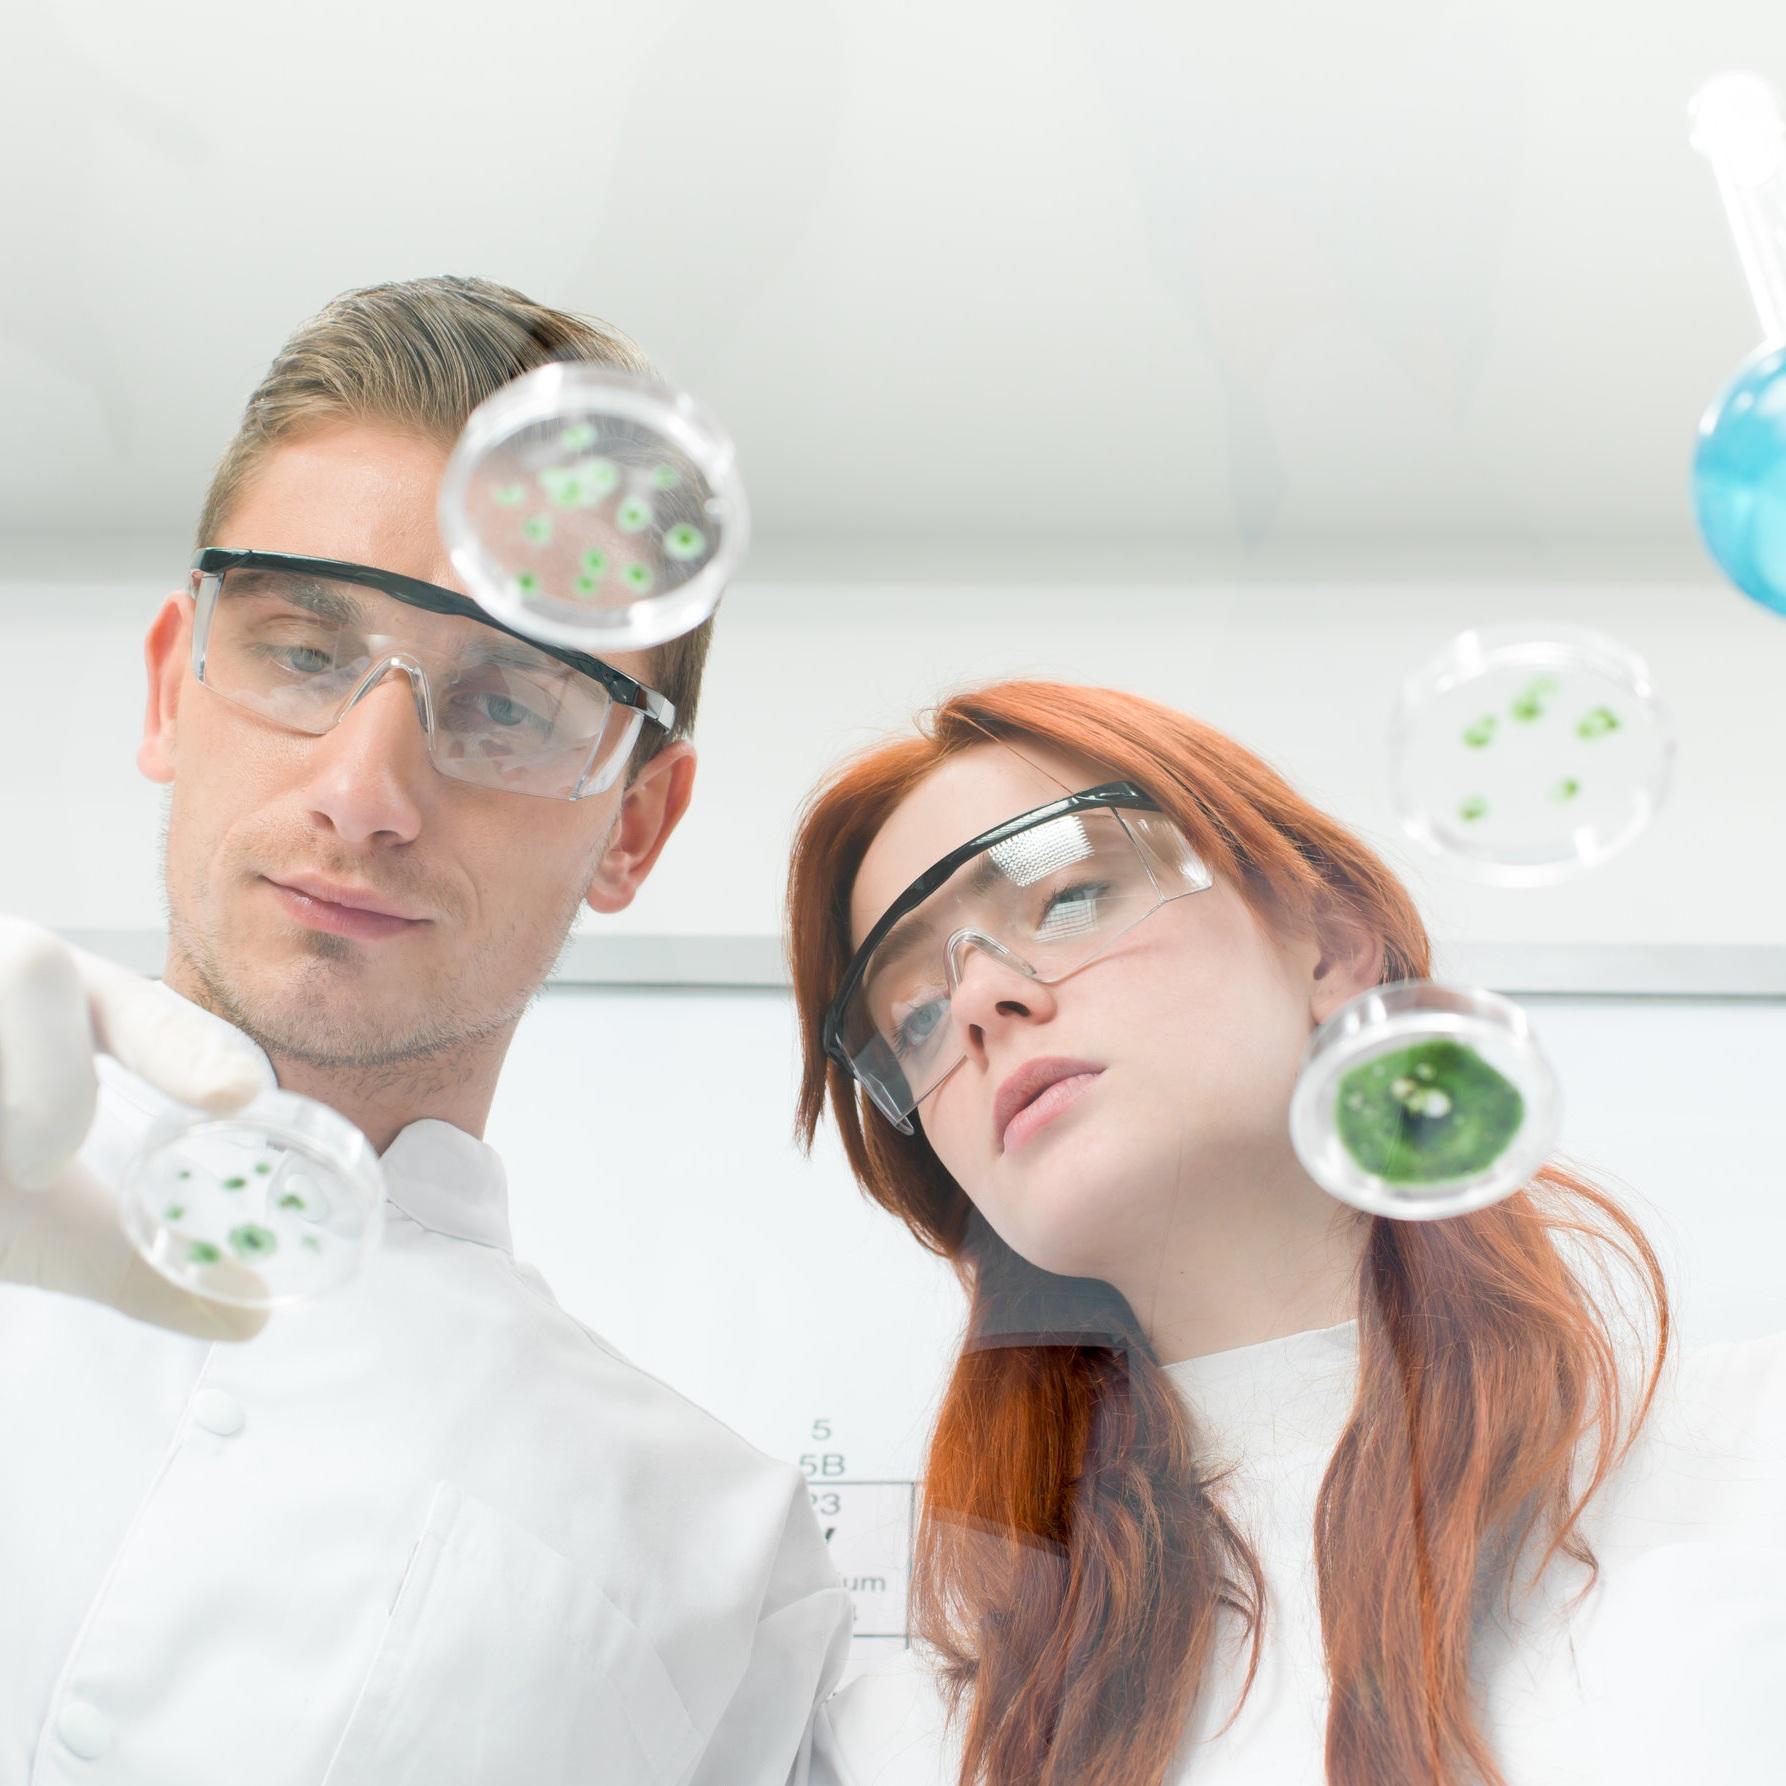 scientists-observing-petri-dish-PUSUJ93.jpg